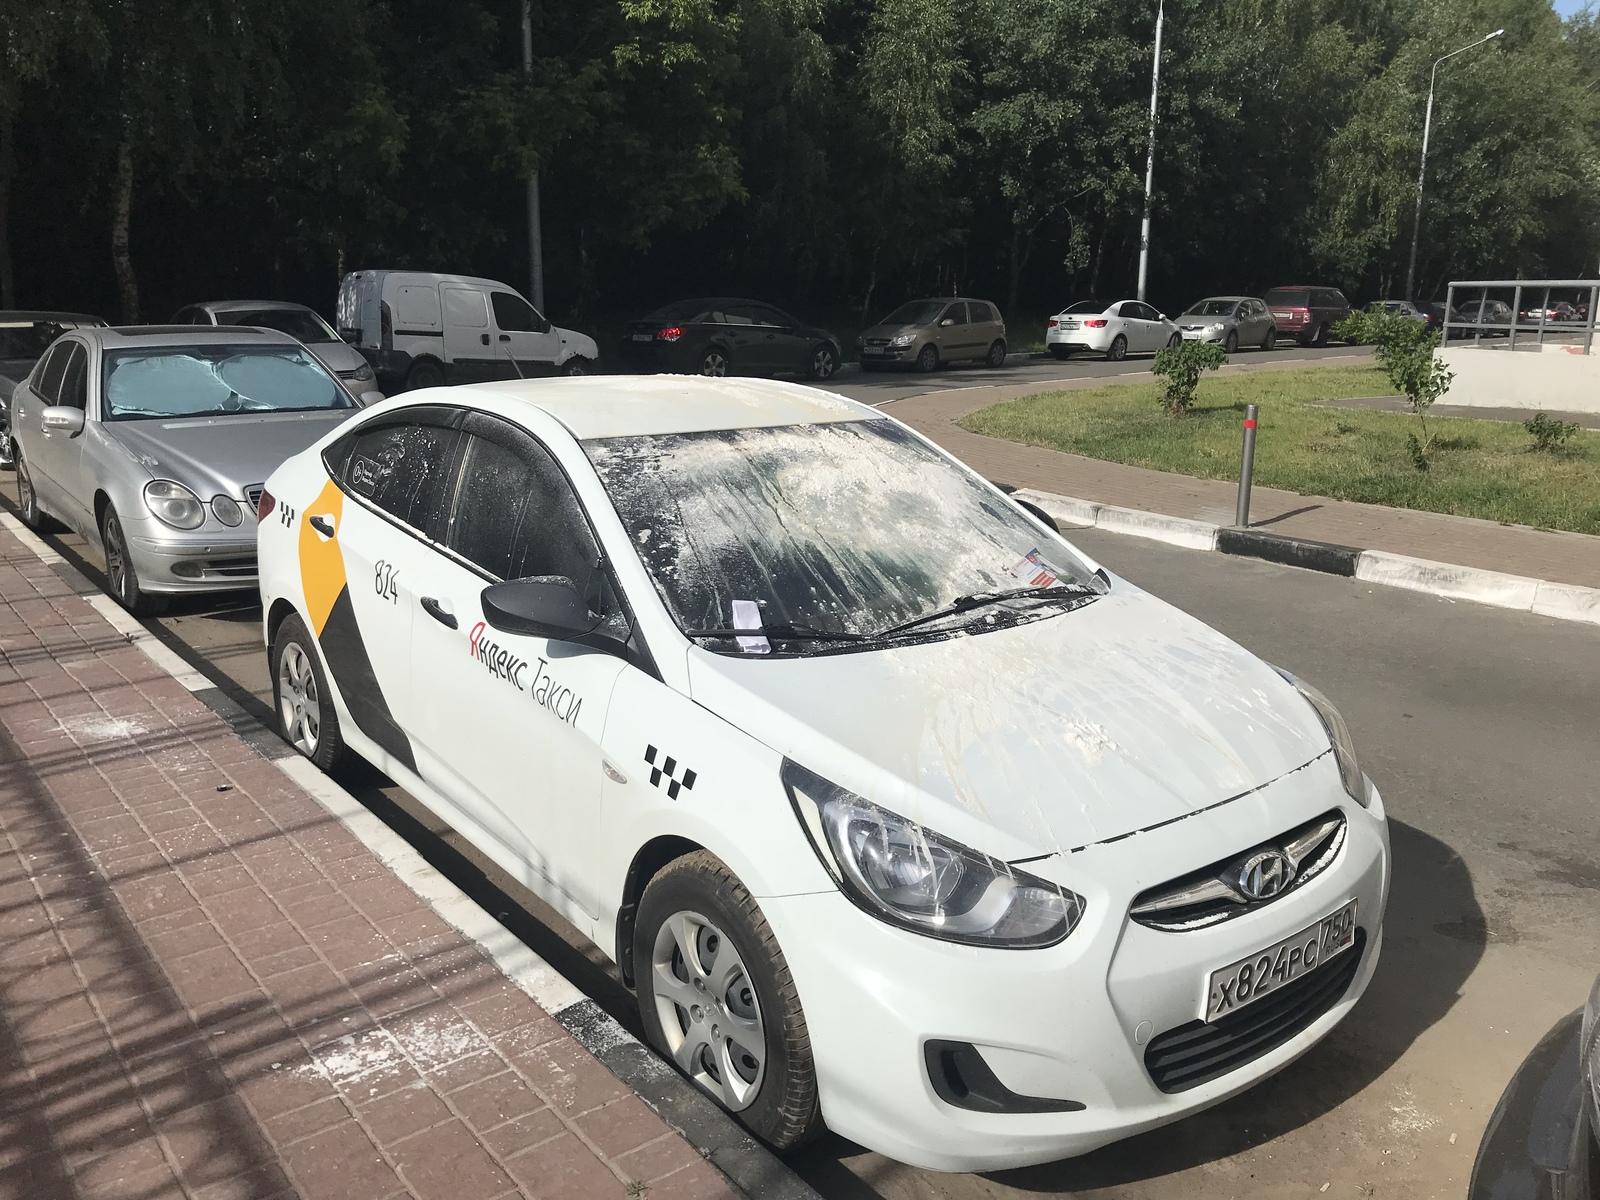 Быстро заложить автомобиль Ротерта улица кредит под залог птс автомобиля в москве smart